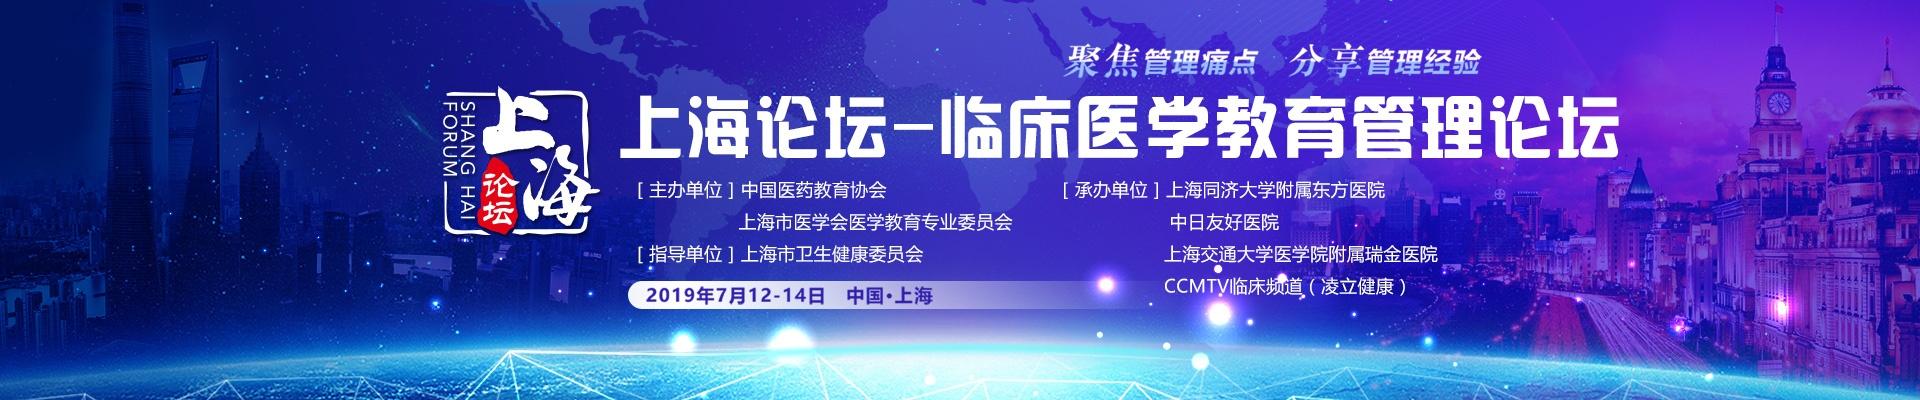 上海論壇 — 2019臨床醫學教育管理論壇